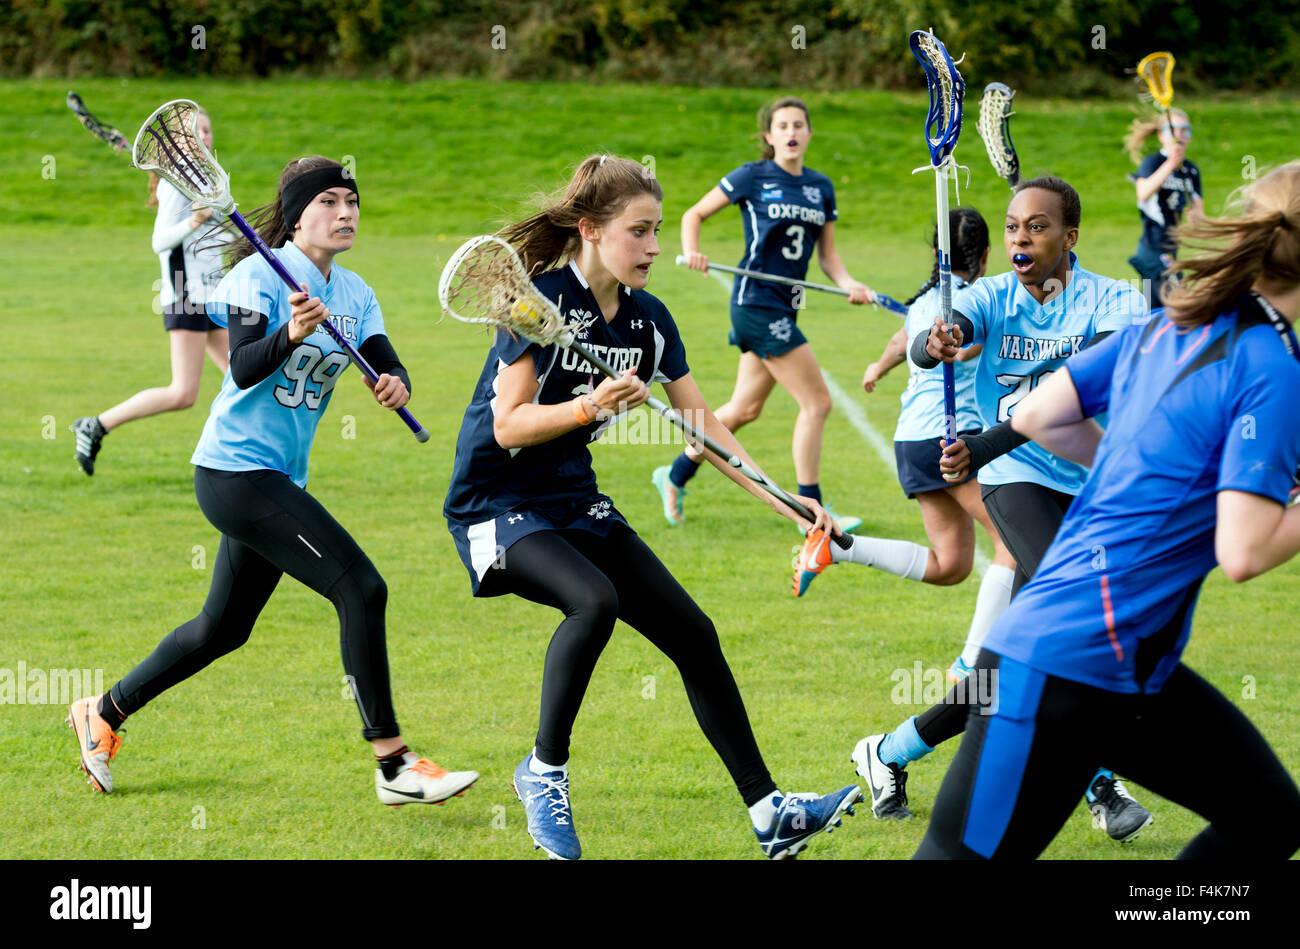 Le sport universitaire - dames match de crosse à l'Université de Warwick, Royaume-Uni Photo Stock